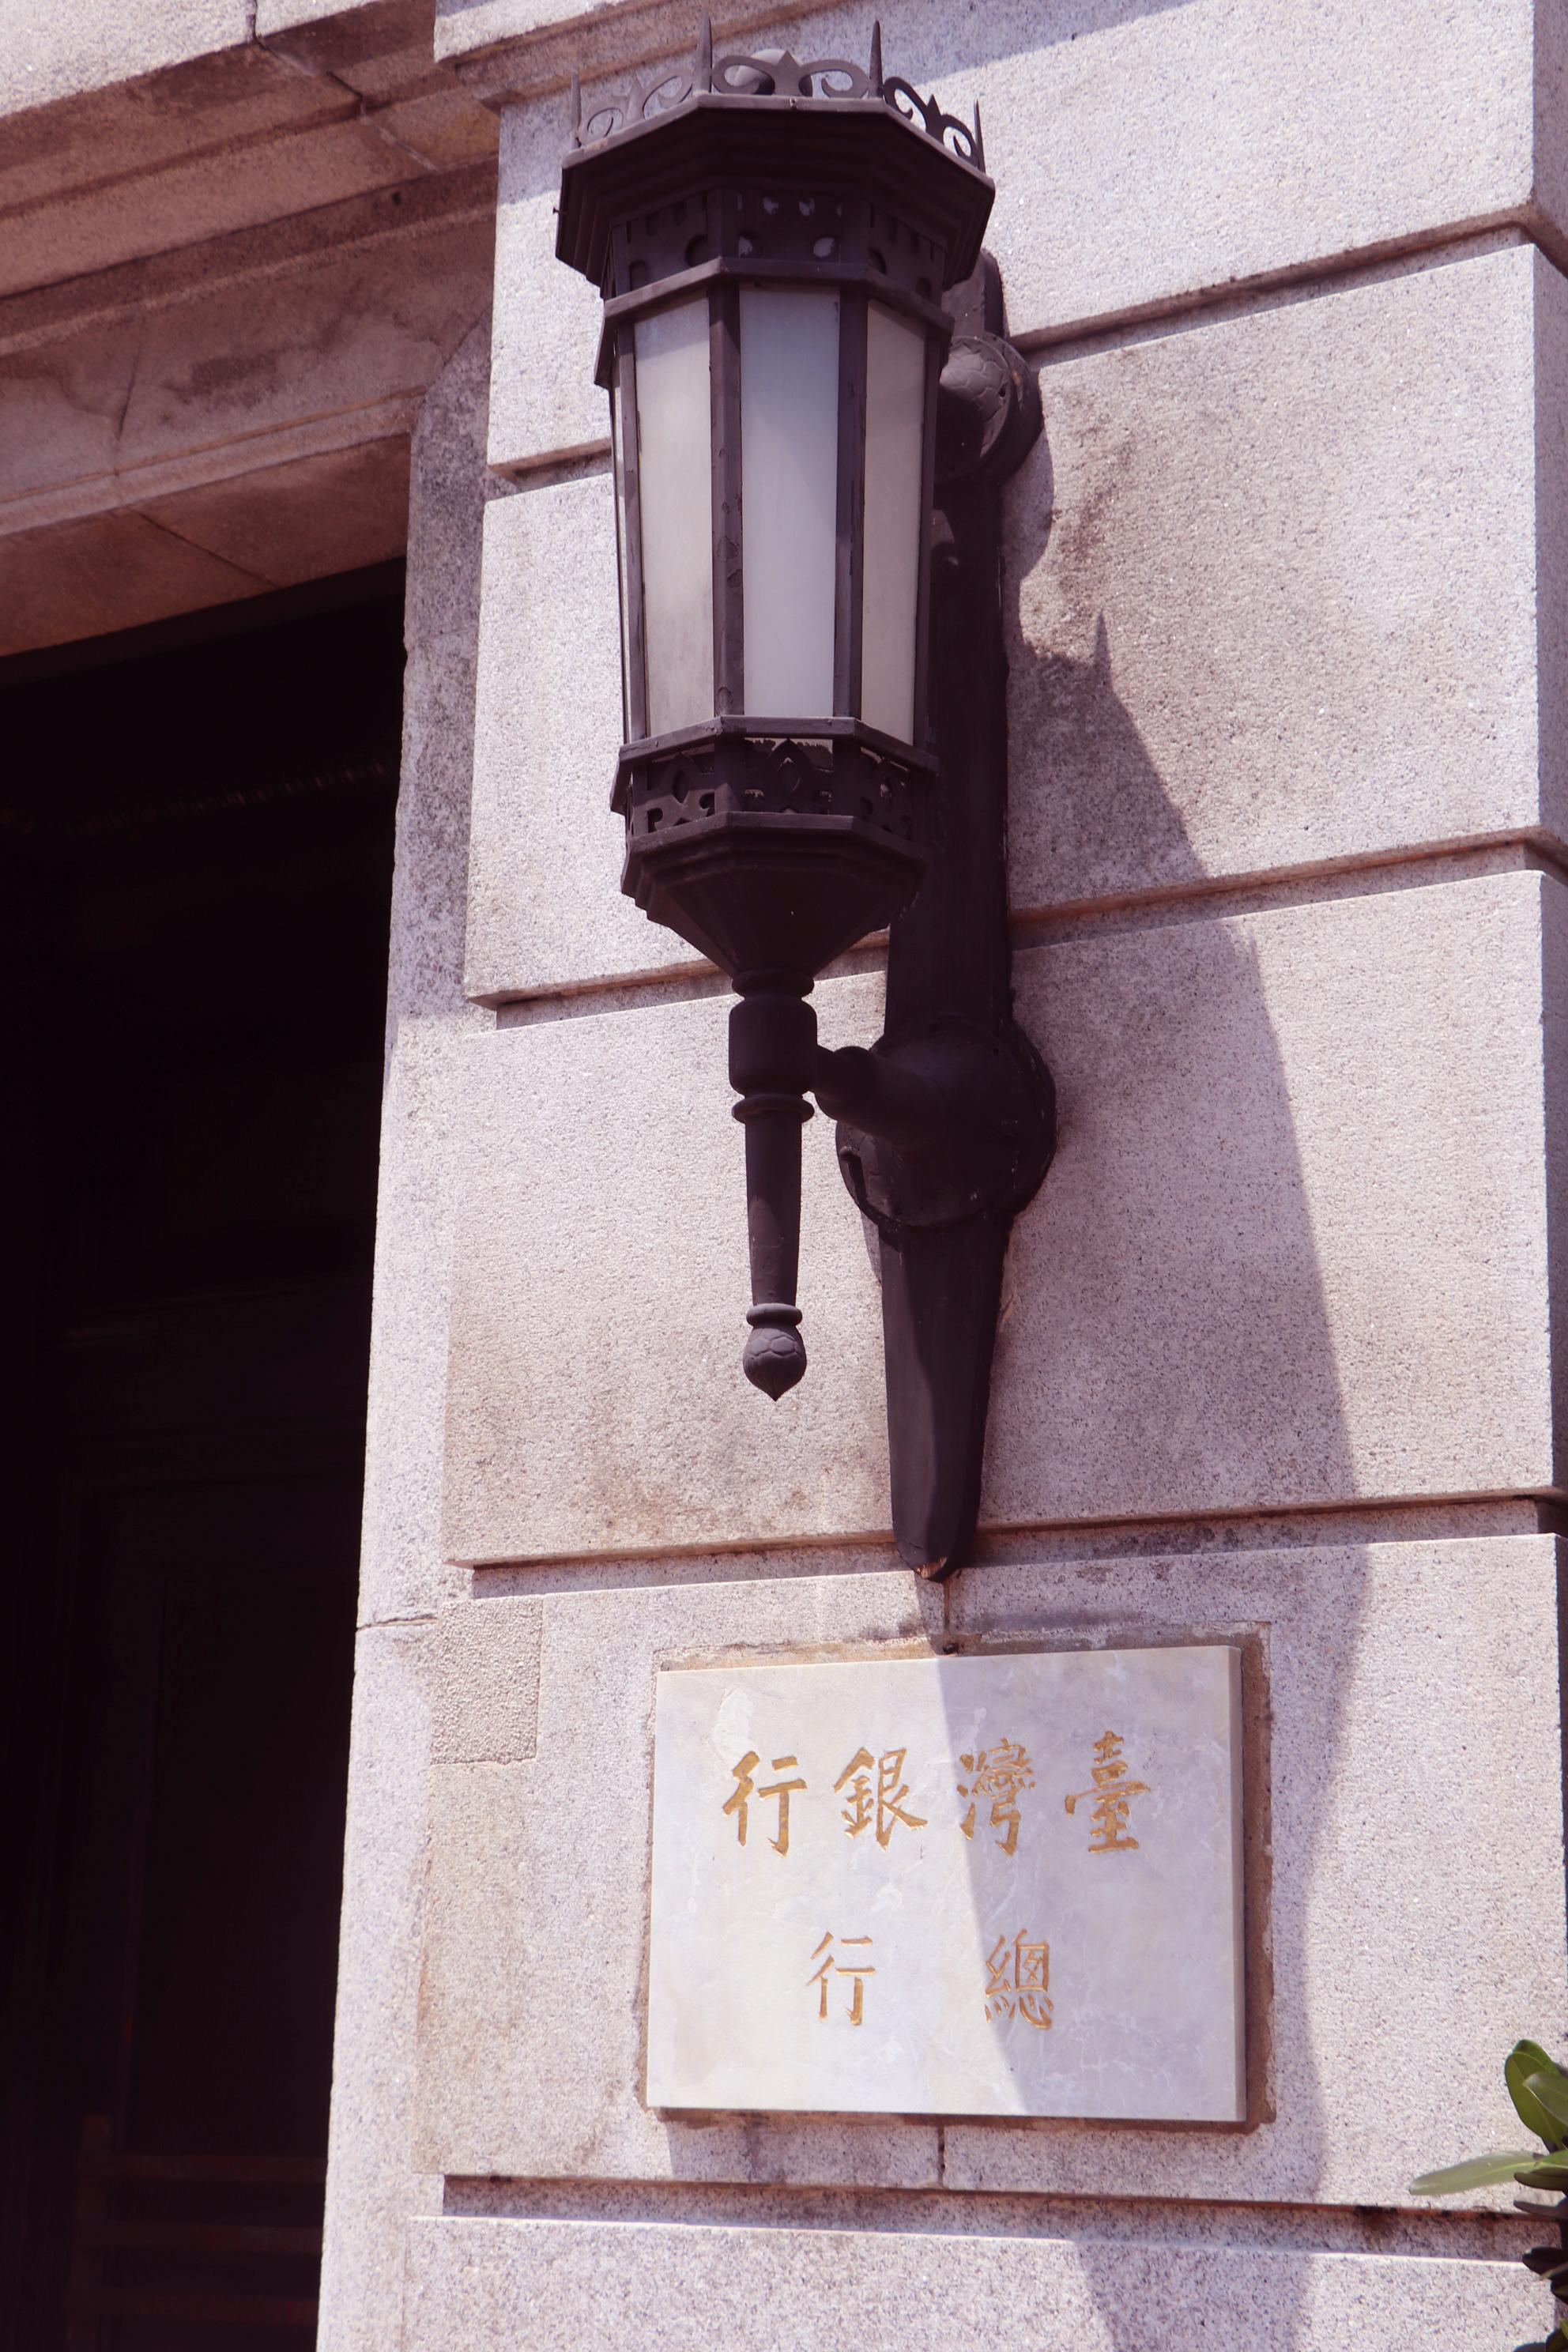 門口邊的燈飾